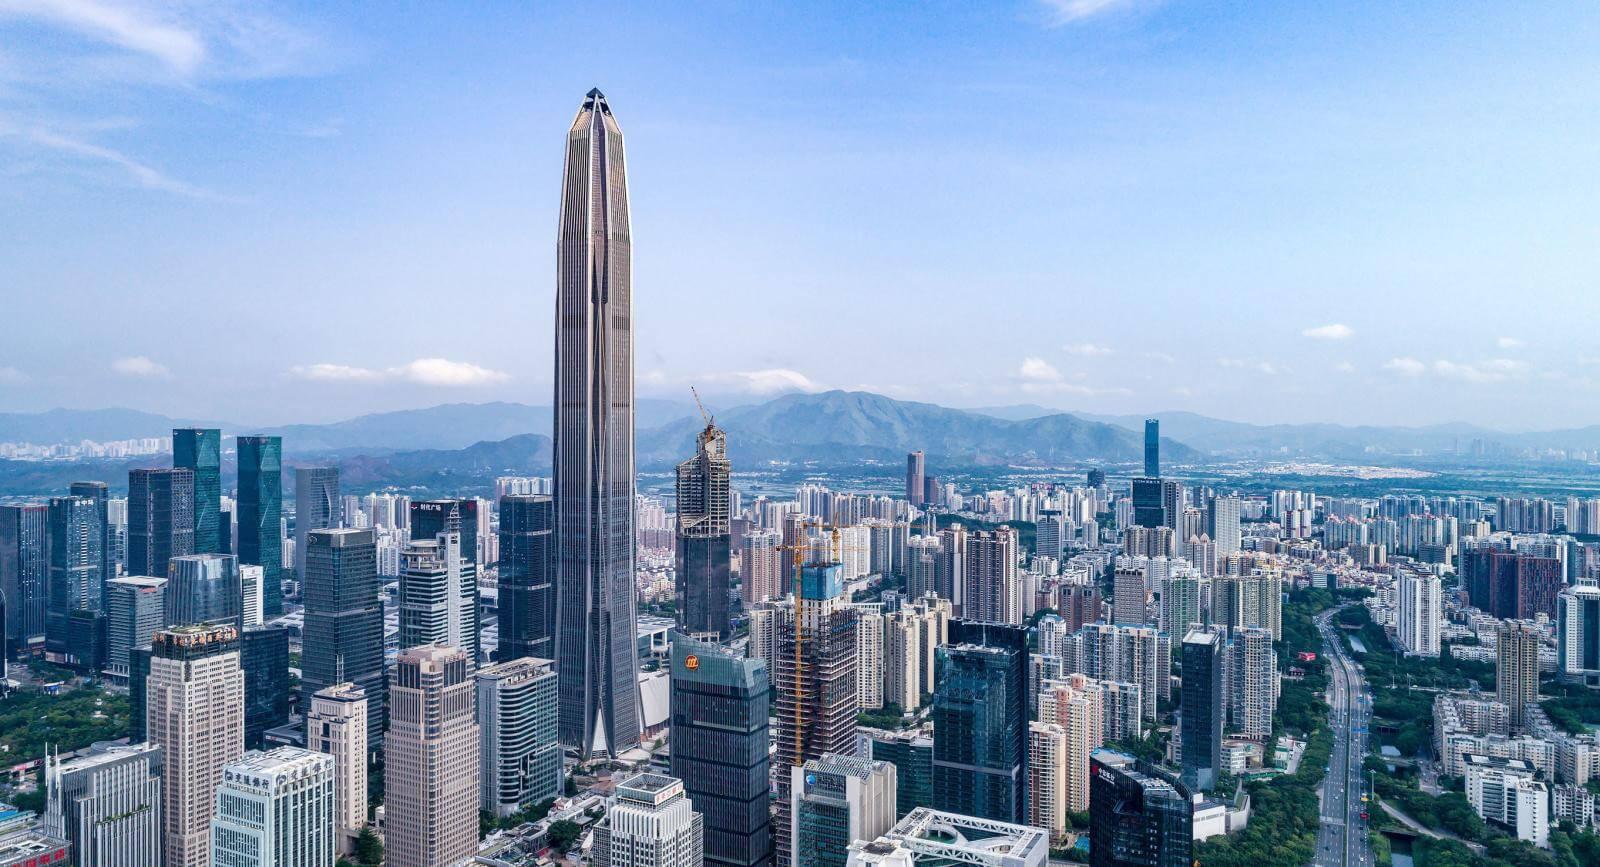 nhà có nên ở gần các tòa nhà cao